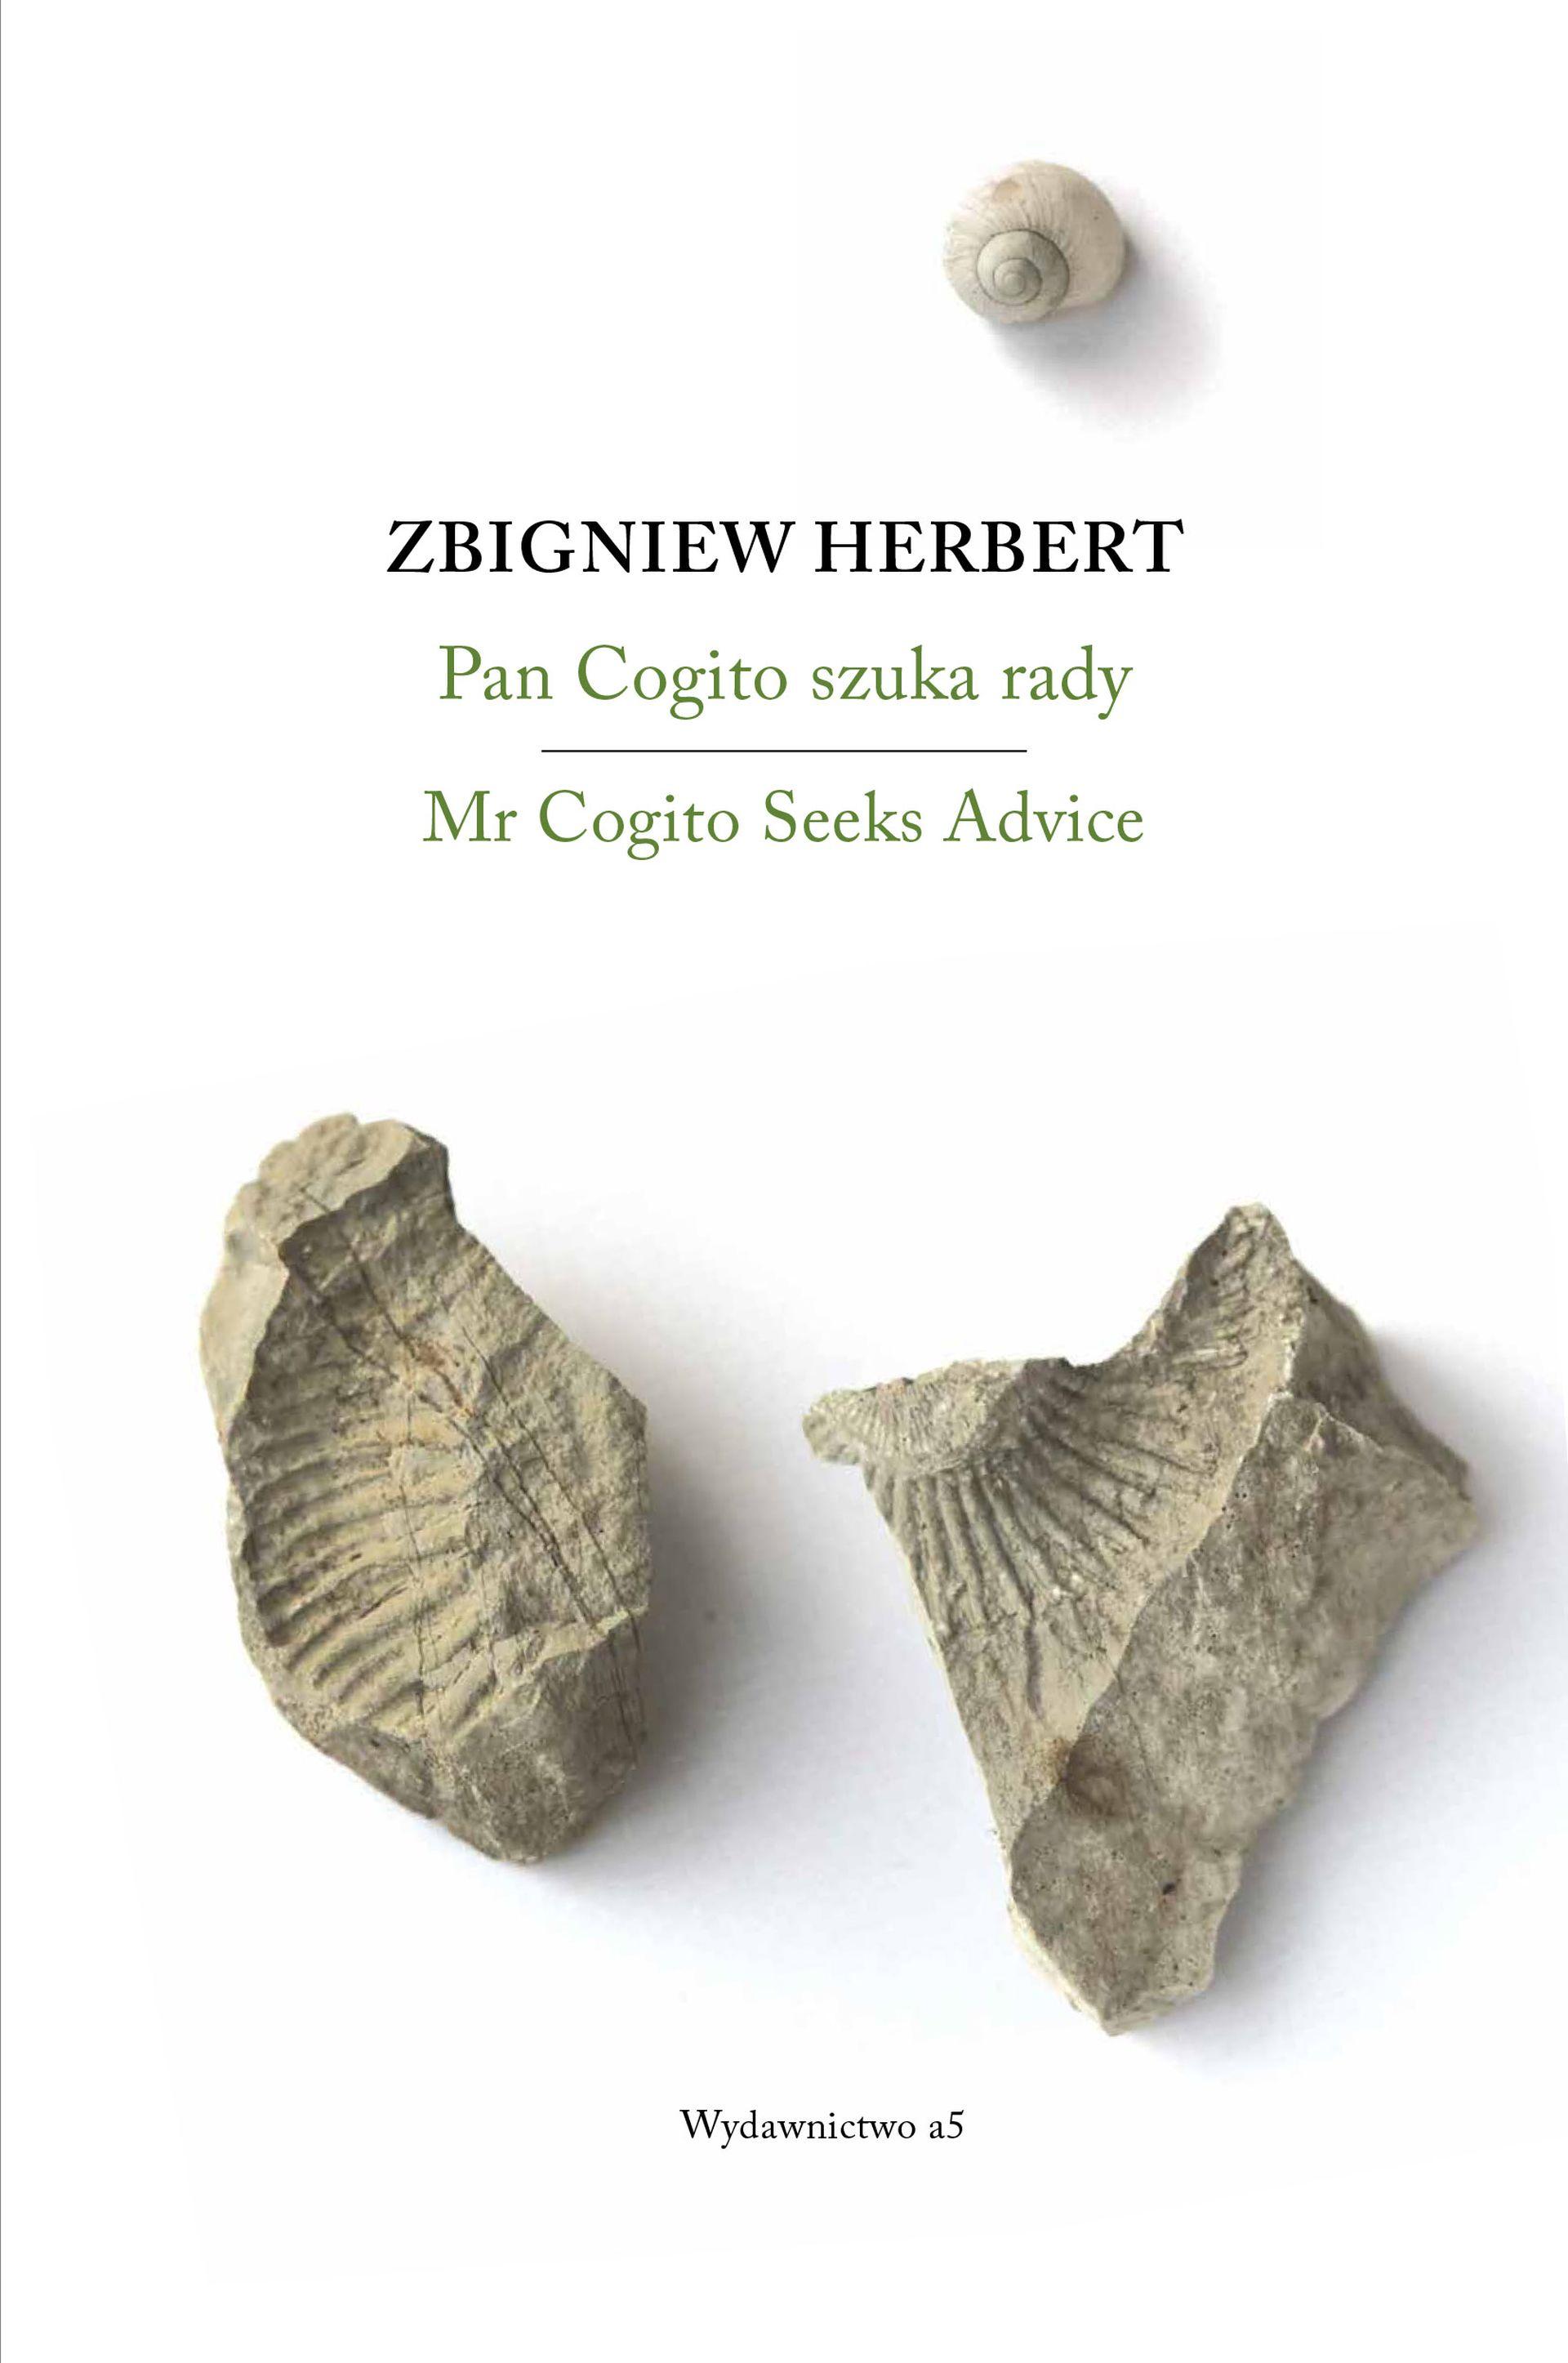 """Zbigniew Herbert, """"Pan Cogito szuka rady. Mr Cogito Seeks Advice"""" (źródło: materiały prasowe wydawcy)"""